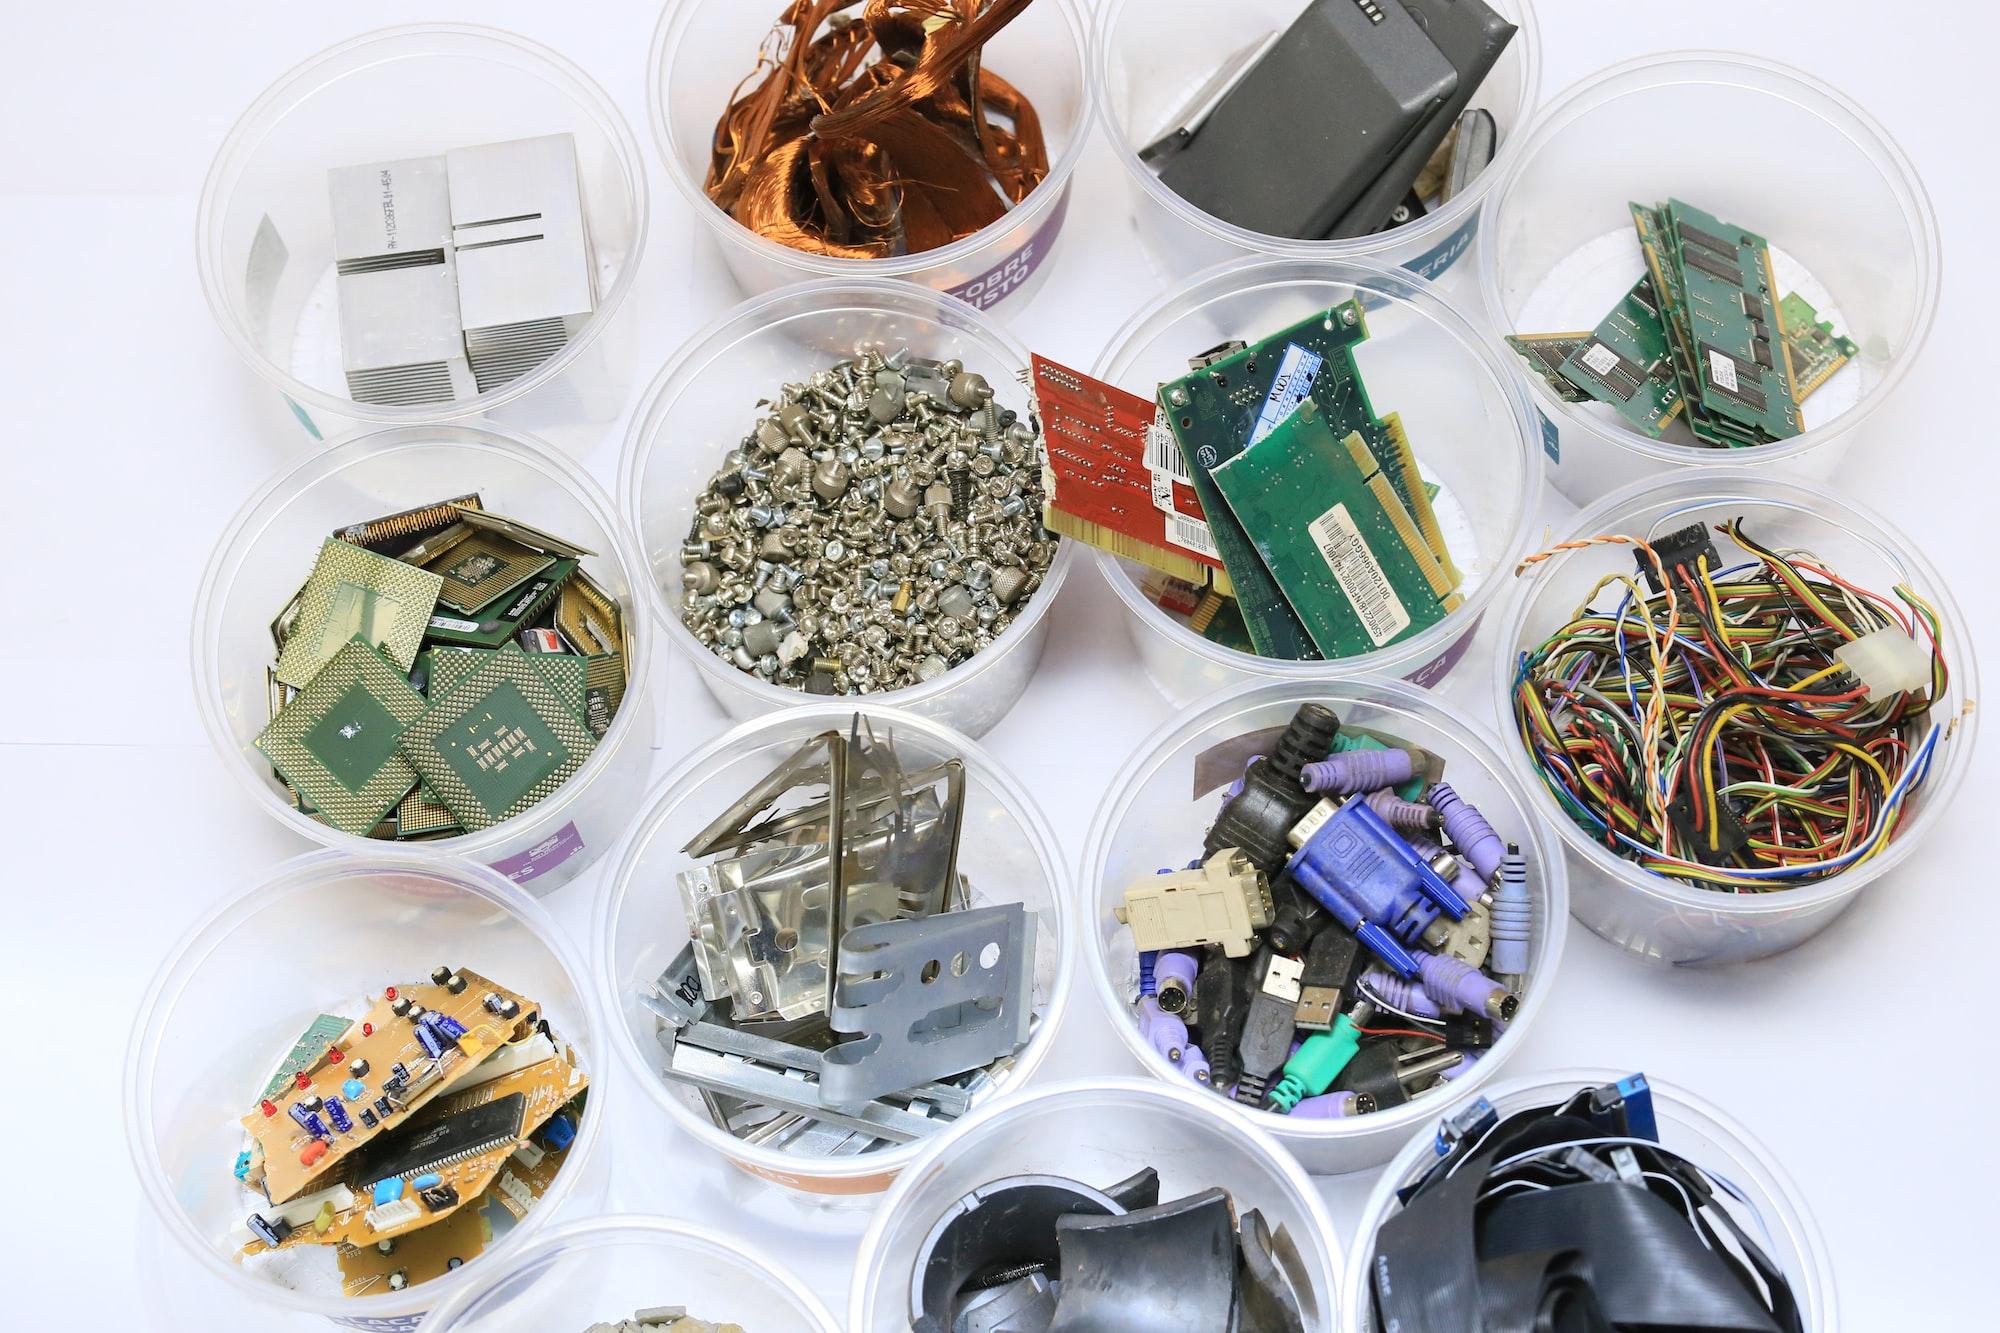 Resíduos eletrônicos separados por propriedade